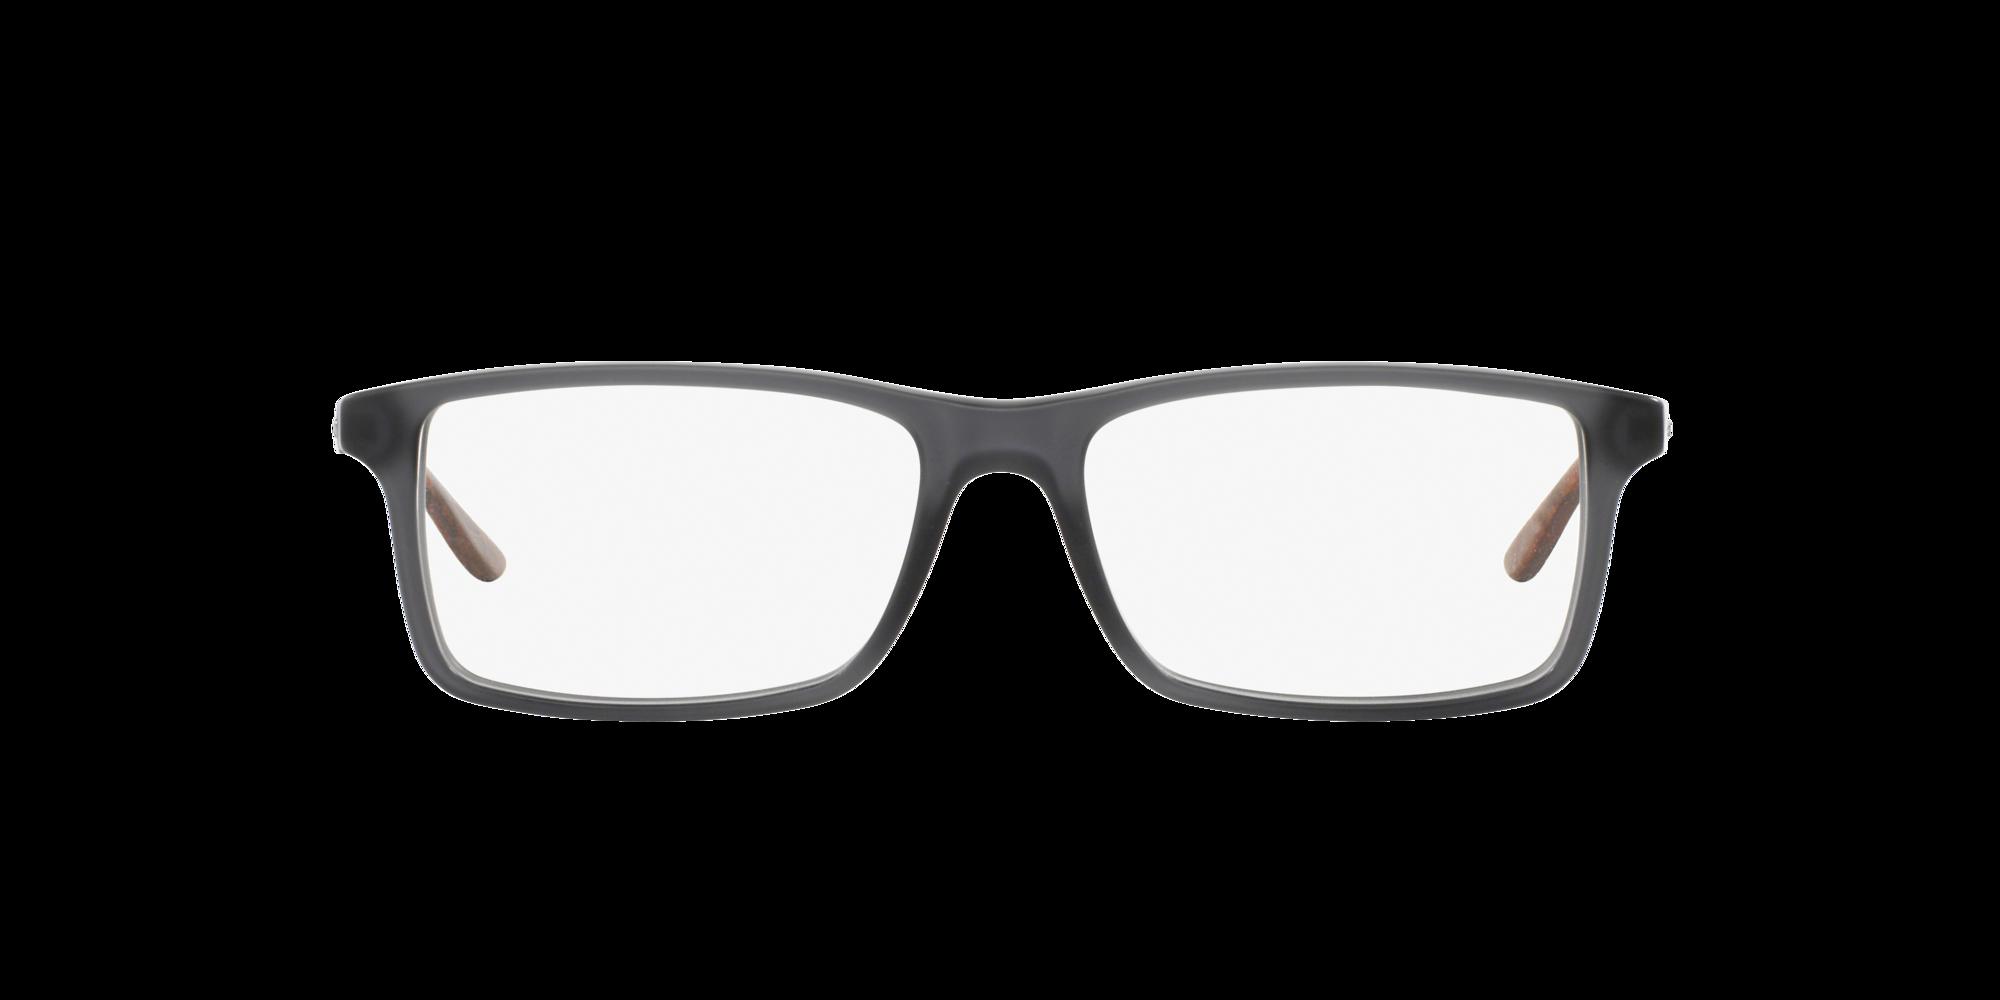 Imagen para RL6128 de LensCrafters |  Espejuelos, espejuelos graduados en línea, gafas